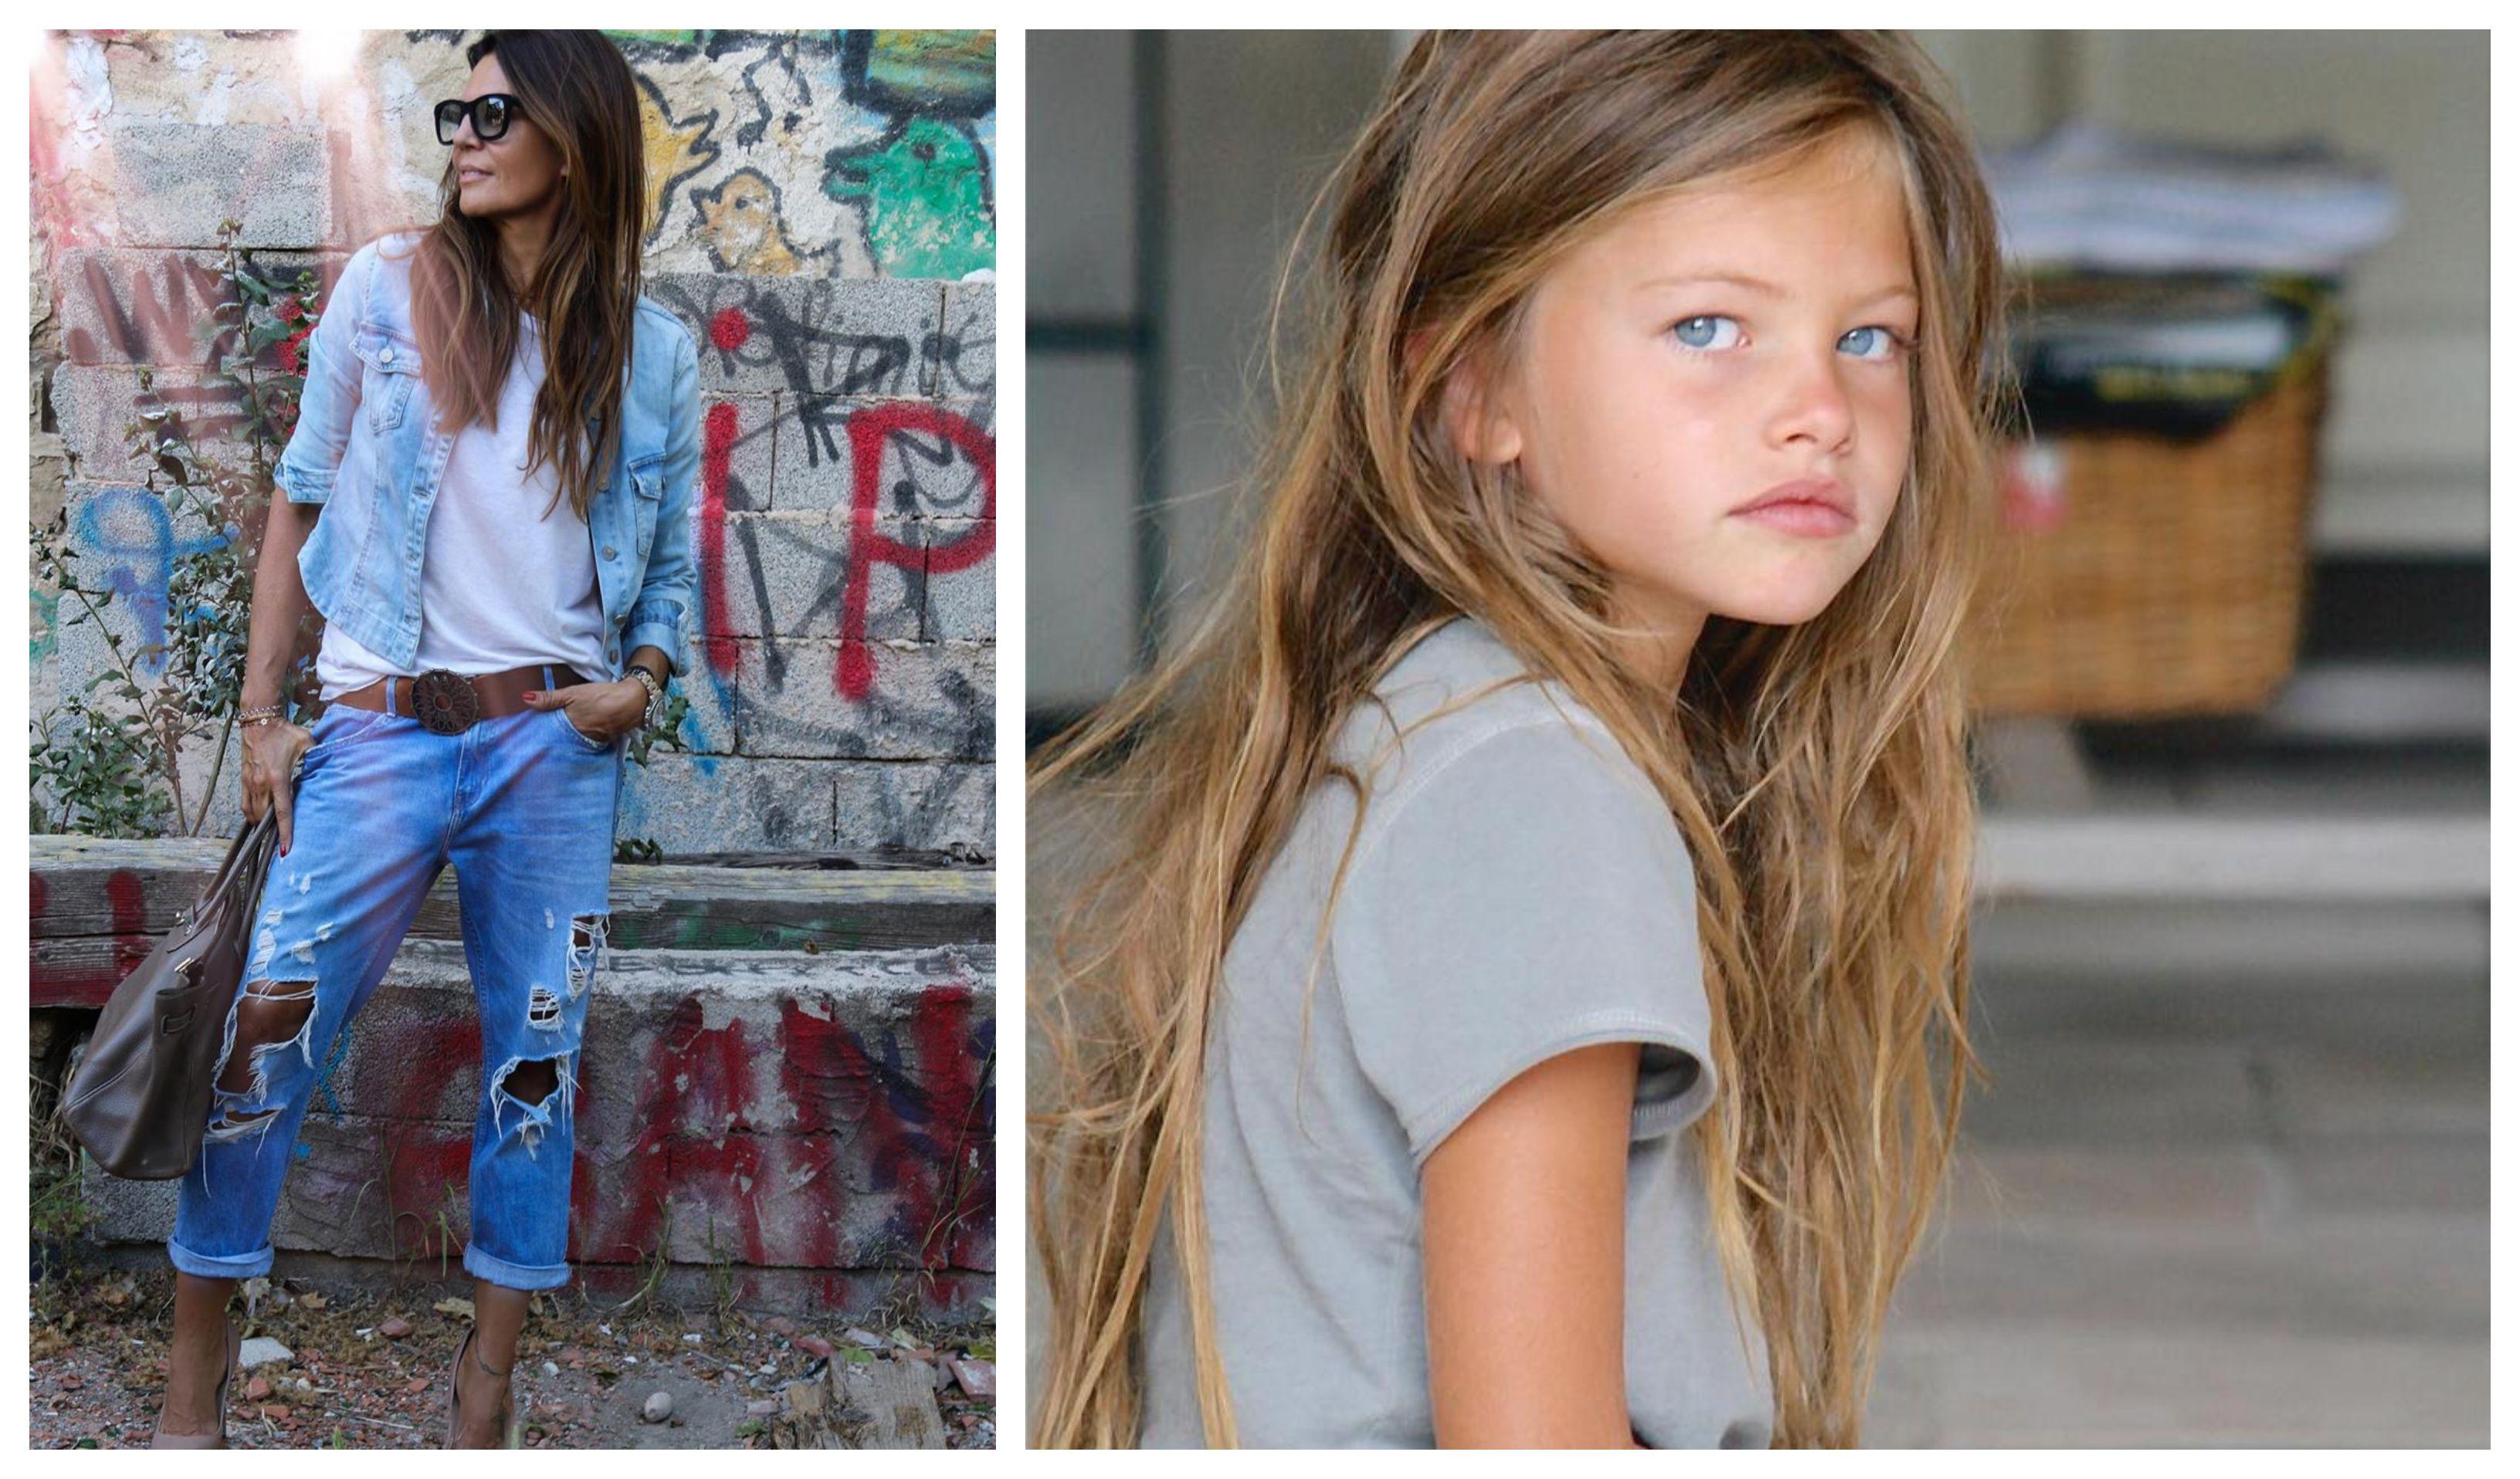 Sad nam je jasno zašto su ovu djevojčicu prozvali 'najljepšom na svijetu': Ovo joj je majka!